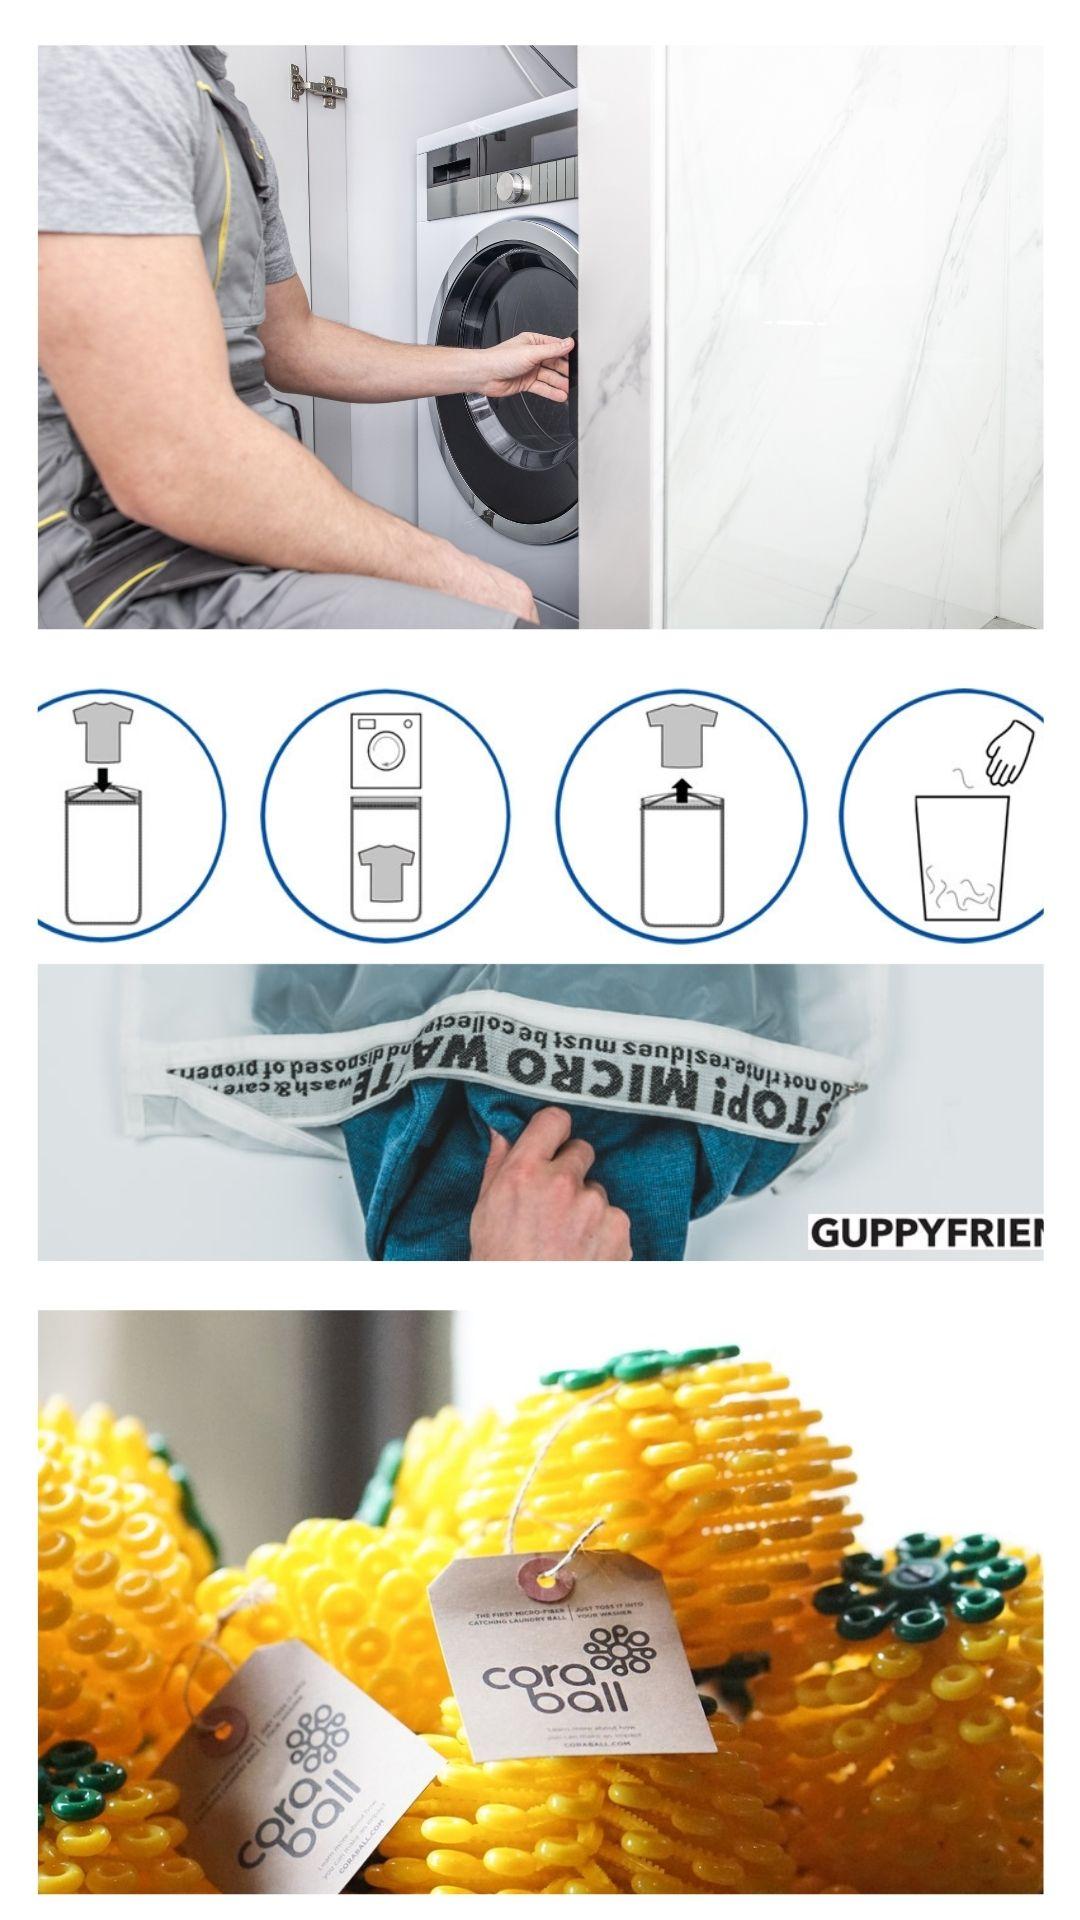 Microplastiche e pannolini lavabili